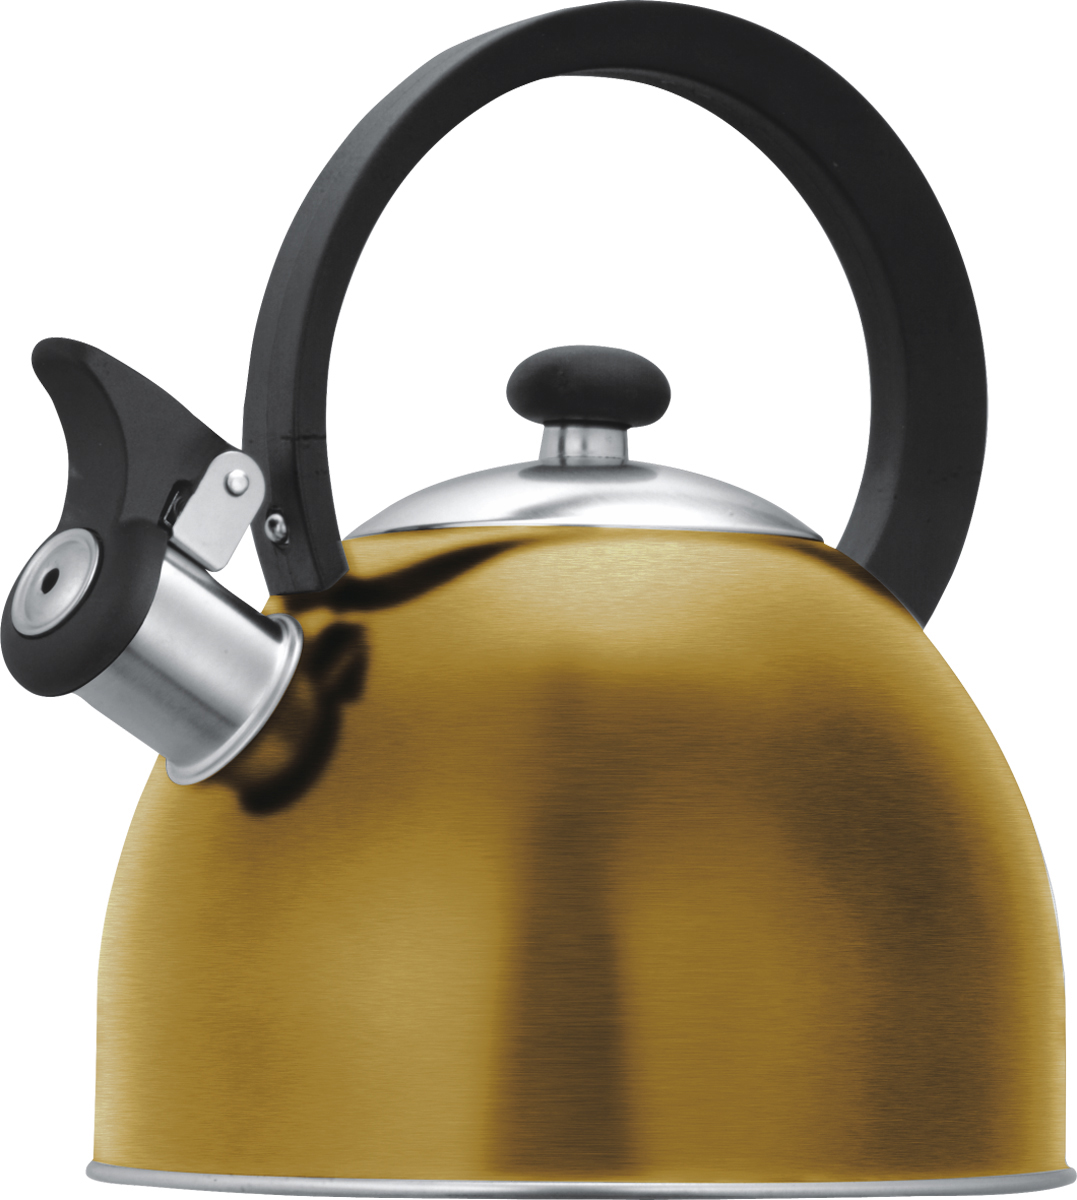 Чайник Lumme со свистком, цвет: золотистый, 1,8 лVT-1520(SR)Чайник в корпусе из высококачественной пищевой нержавеющей стали с термостойкой ненагревающейся ручкой и свистком, поднимающимся с помощью рычажка.Высококачественная нержавеющая сталь не имеет запаха, не выделяет примесей и сохраняет все природные натуральные свойства воды.Свисток на носике чайника – привычный элемент комфорта и безопасности, потому что своевременный сигнал о готовности кипятка сэкономит время и электроэнергию, вода никогда не выкипит полностью, и чайник прослужит очень долго.Оригинальный механизм поднятия свистка с помощью рычажка добавляет чайнику индивидуальности, он необычайно комфортен в использовании и может стать хорошим подарком для близких.Чайник из нержавеющей стали подходит для всех видов плит, кроме индукционных: электрических, стеклокерамических, галогенных, газовых.